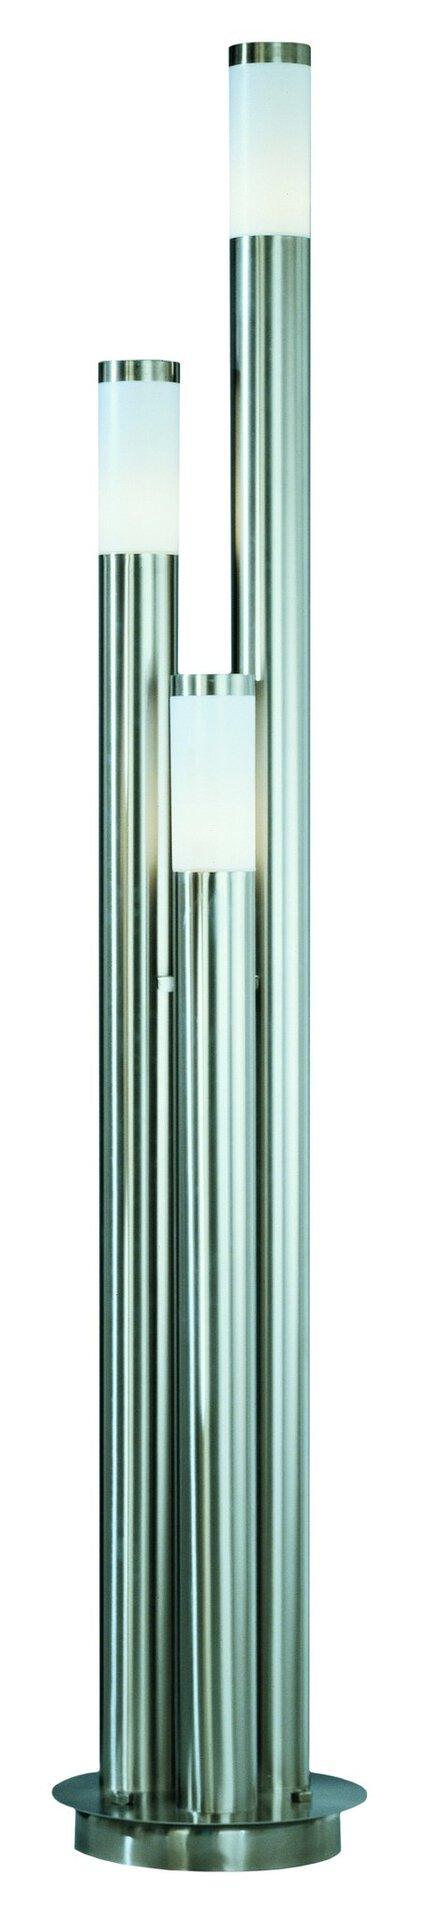 Wege-Außenleuchte BOSTON Globo Metall 28 x 170 x 28 cm